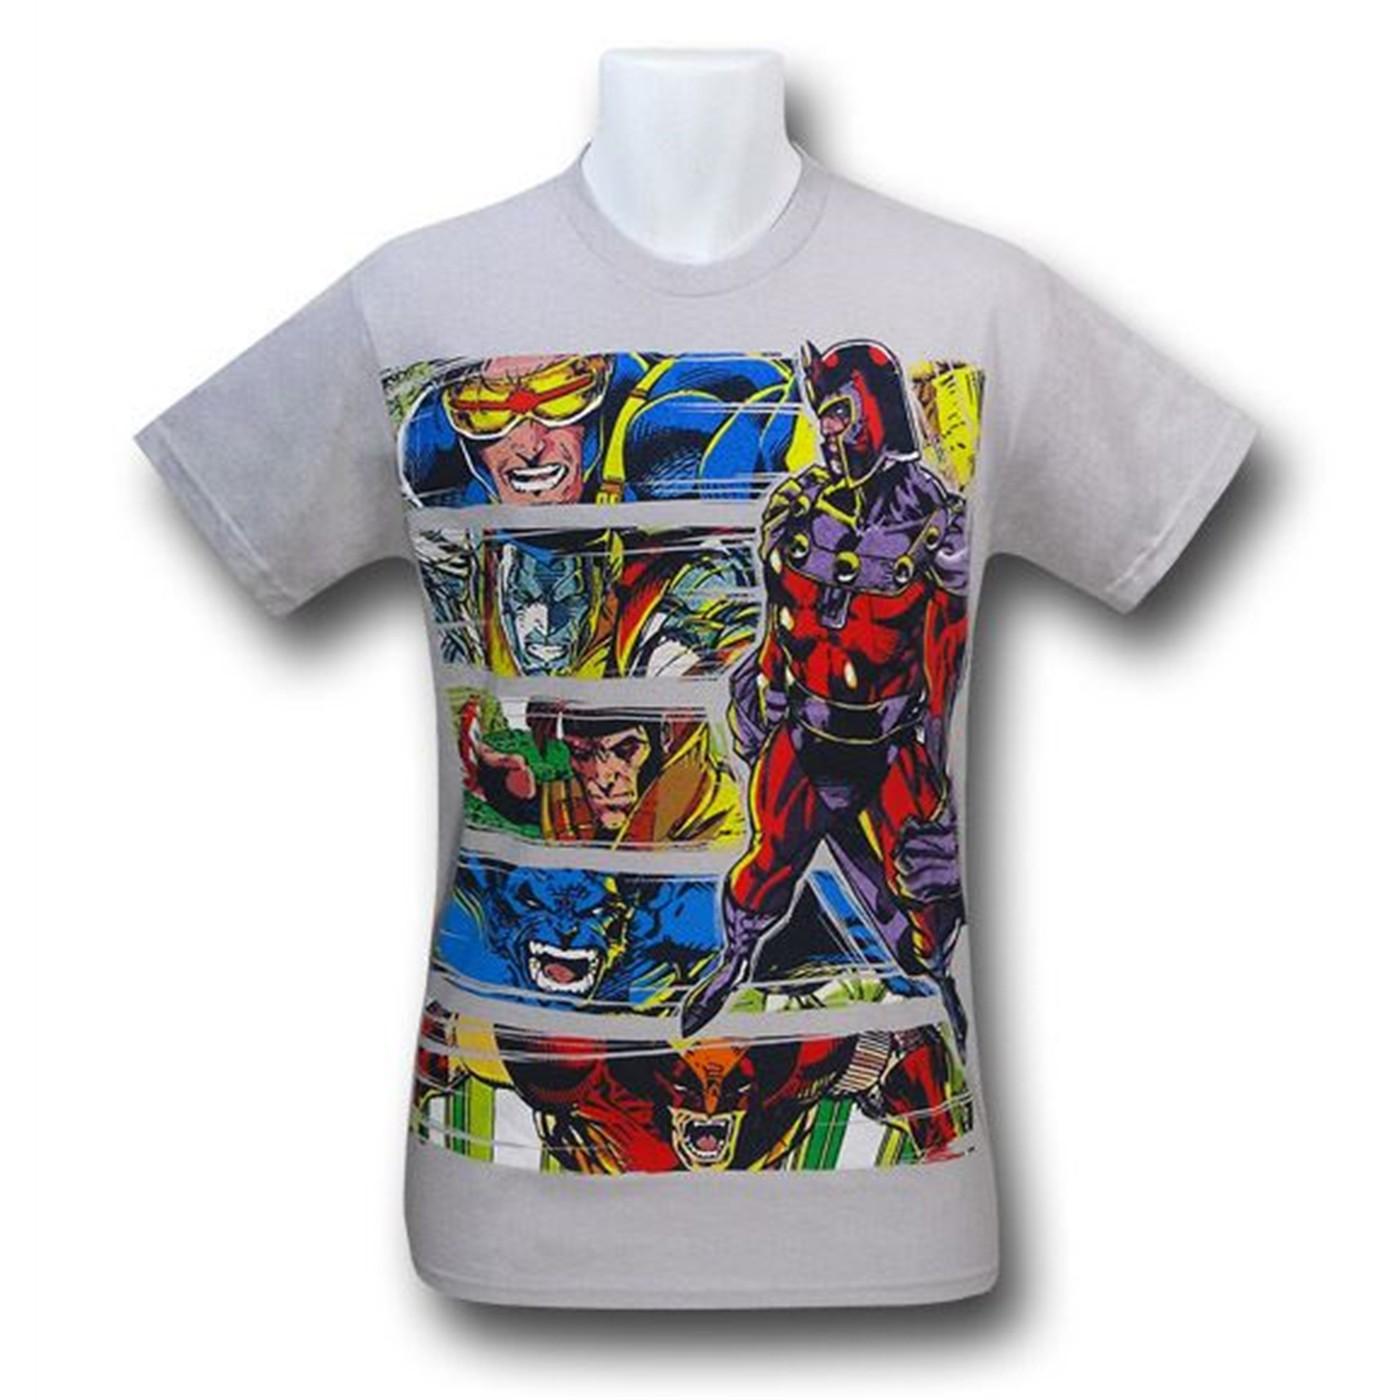 X-Men Magneto Vigilant Defiance T-Shirt